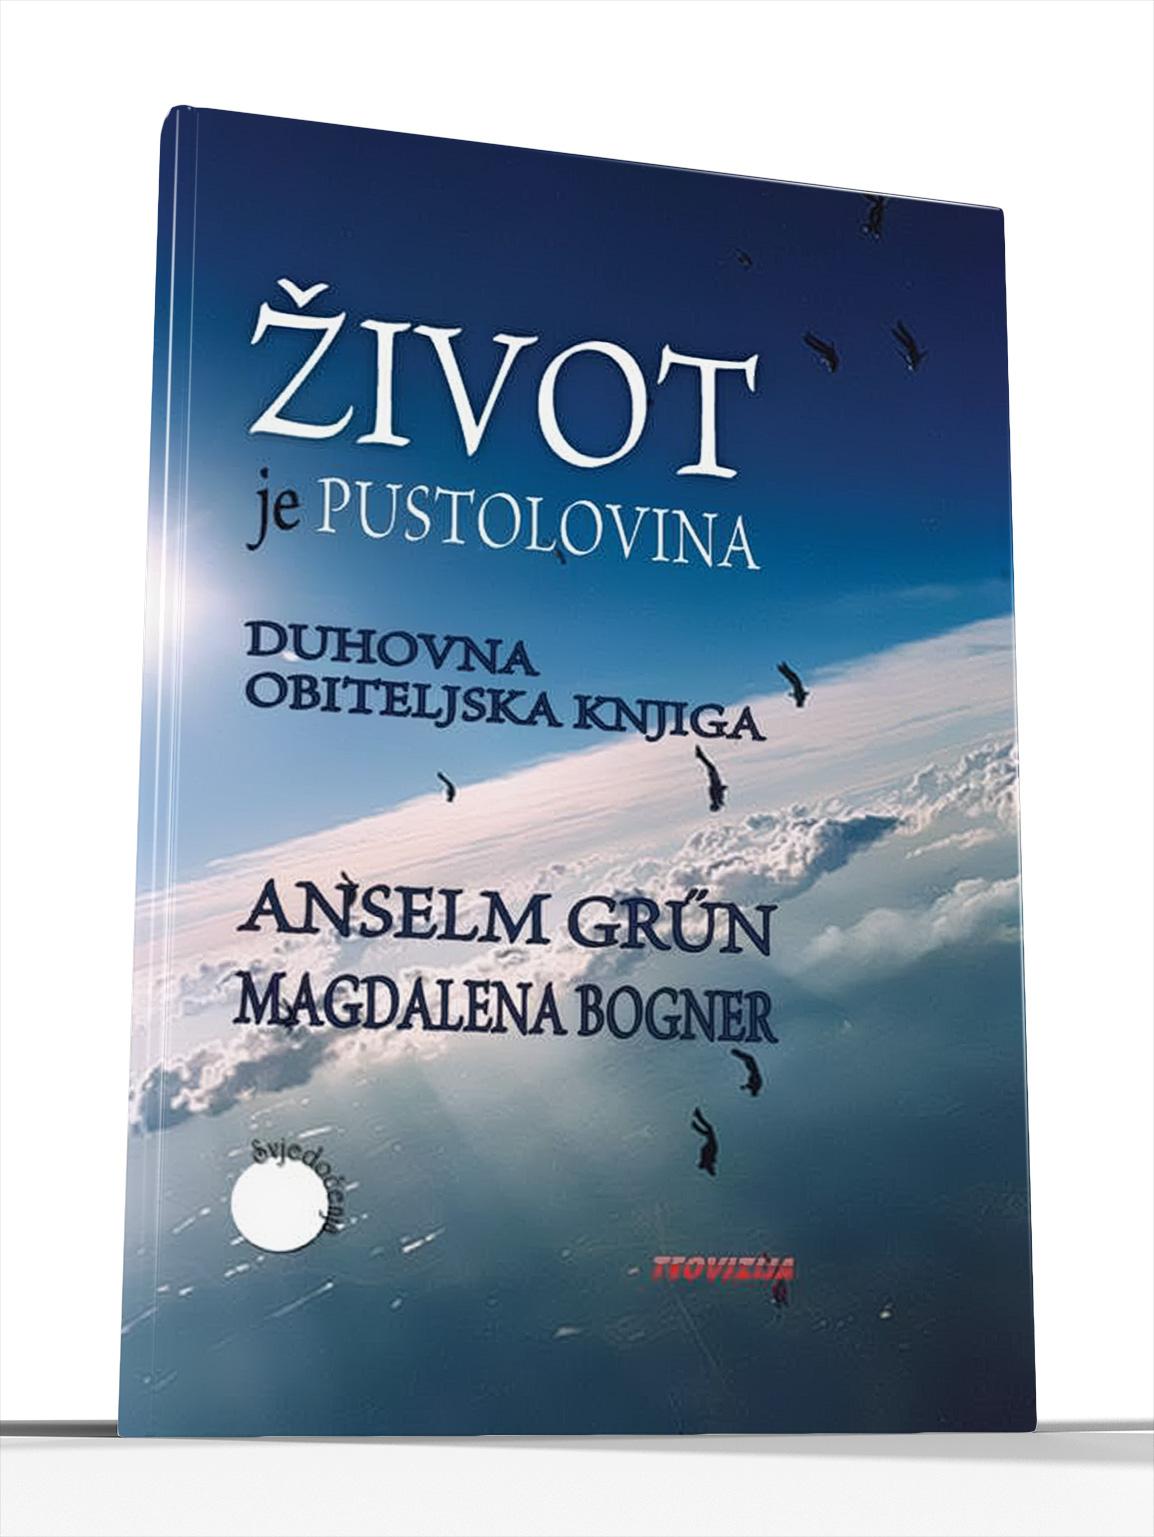 ŽIVOT JE PUSTOLOVINA - Anselm Grün, Magdalena Bogner